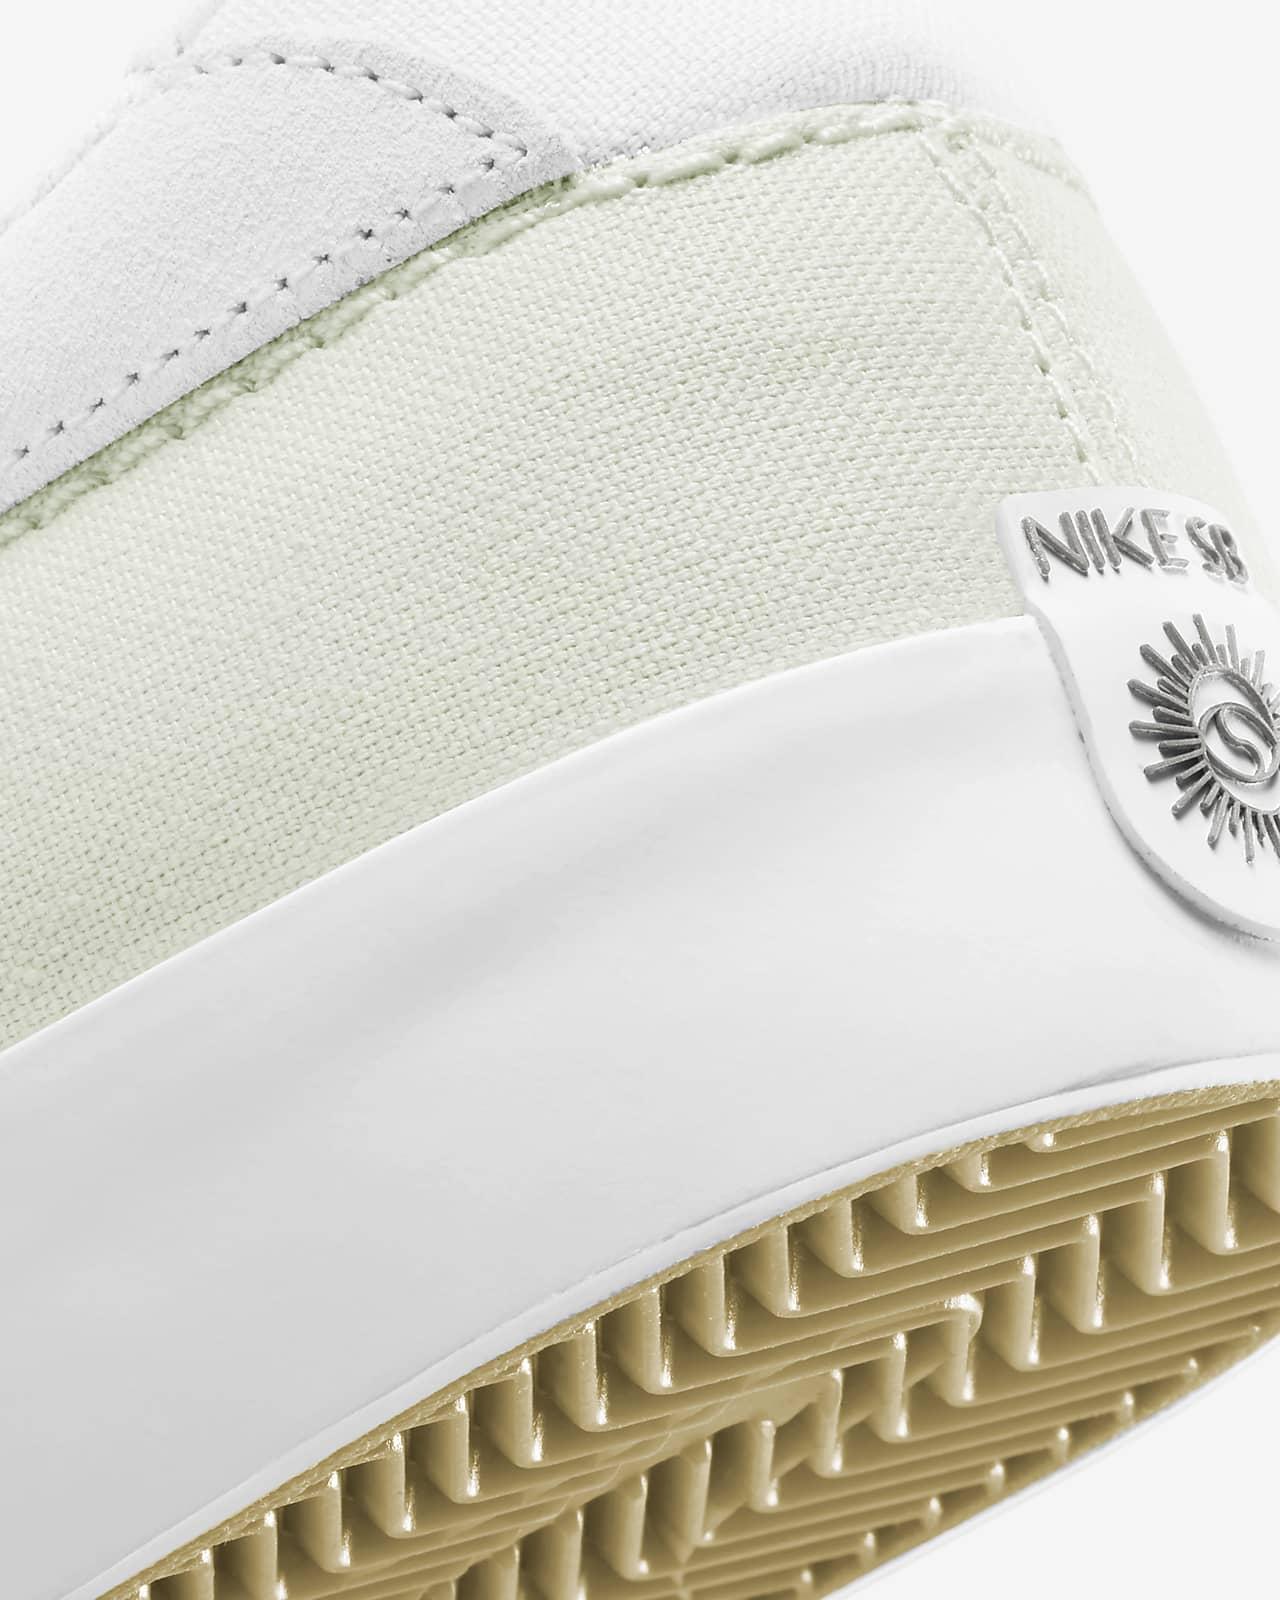 Nike SB Shane Skate Shoes. Nike.com